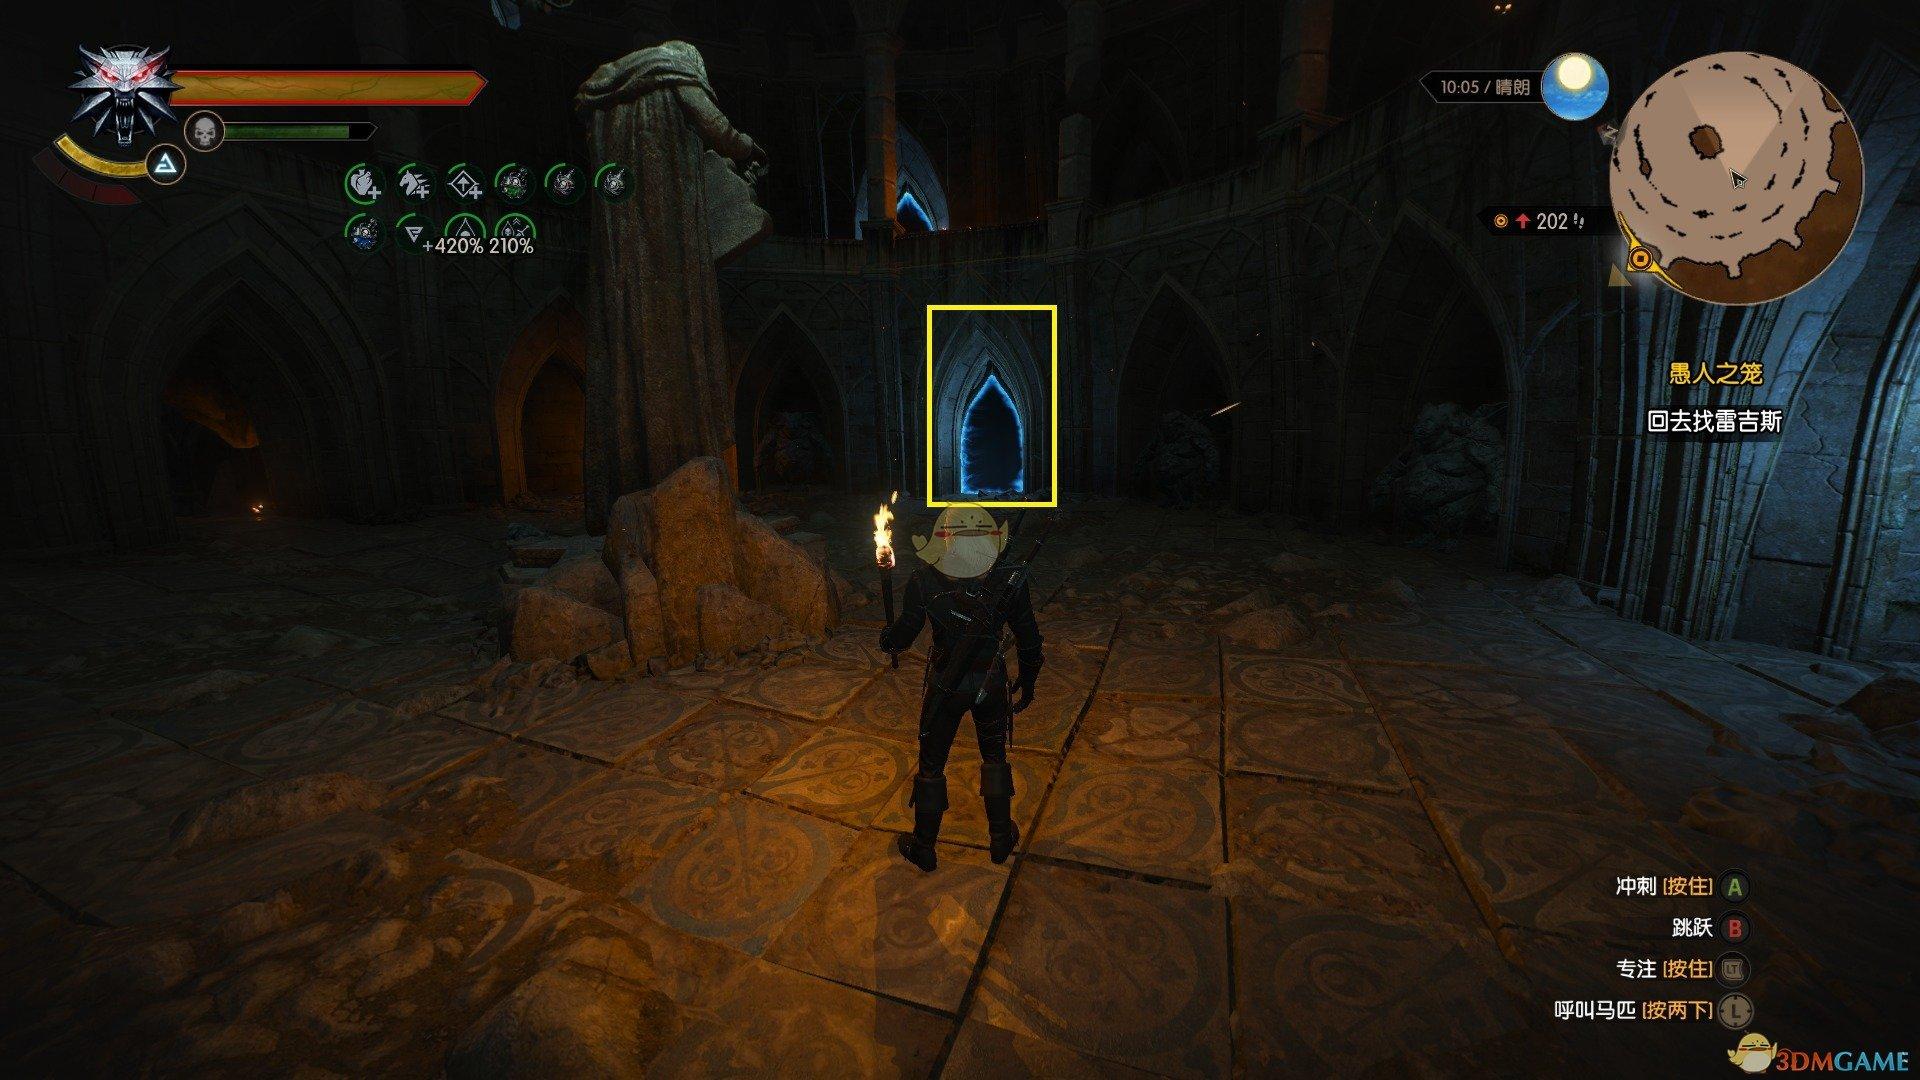 《巫师3:狂猎》血与酒DLC获得蛋糕走法分享